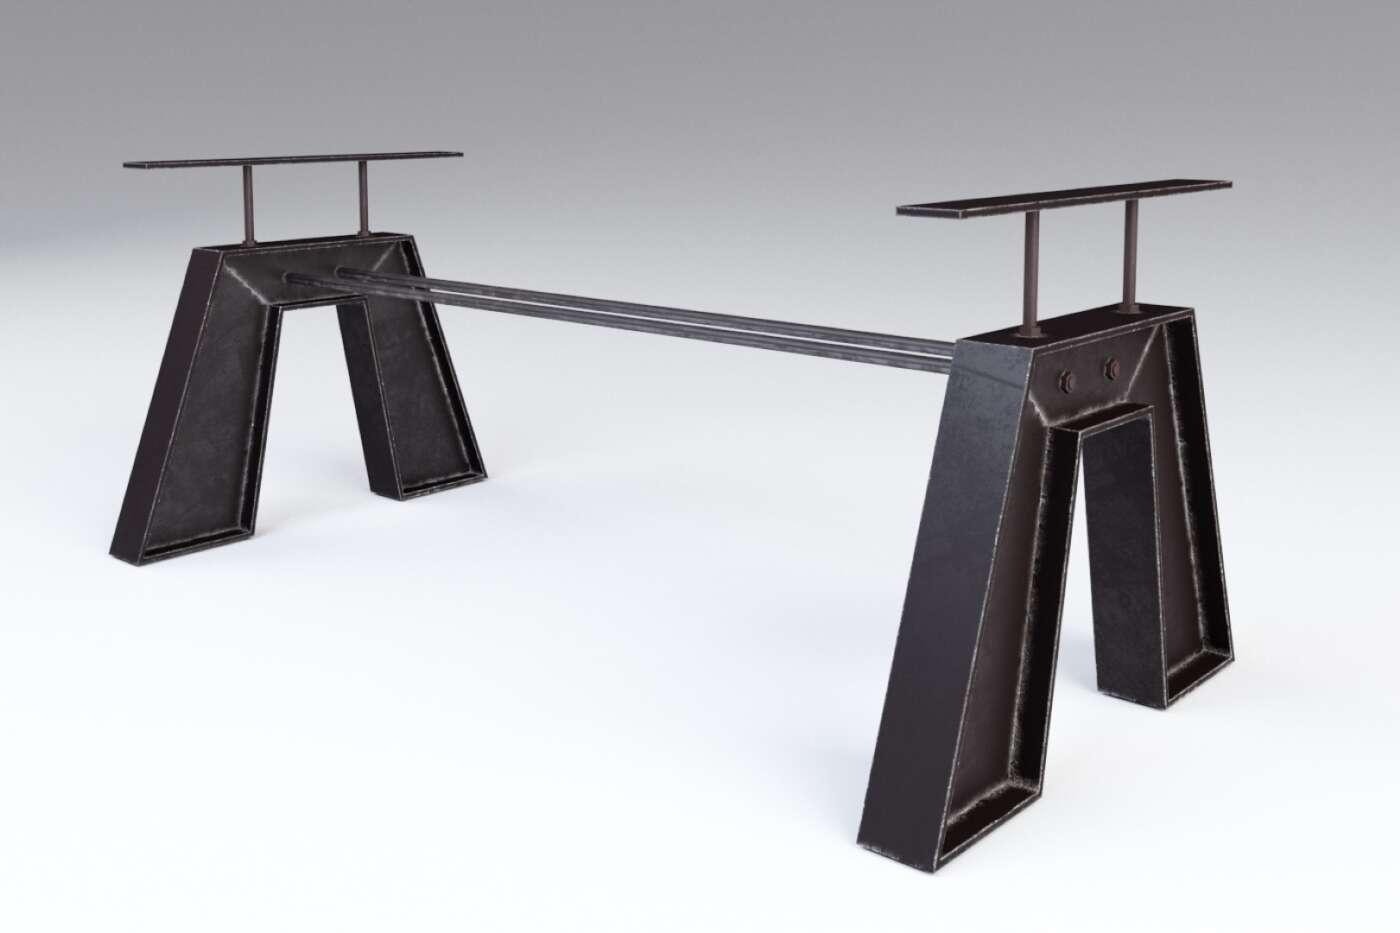 Tischgestell nach Maß aus Stahl im angesagten...